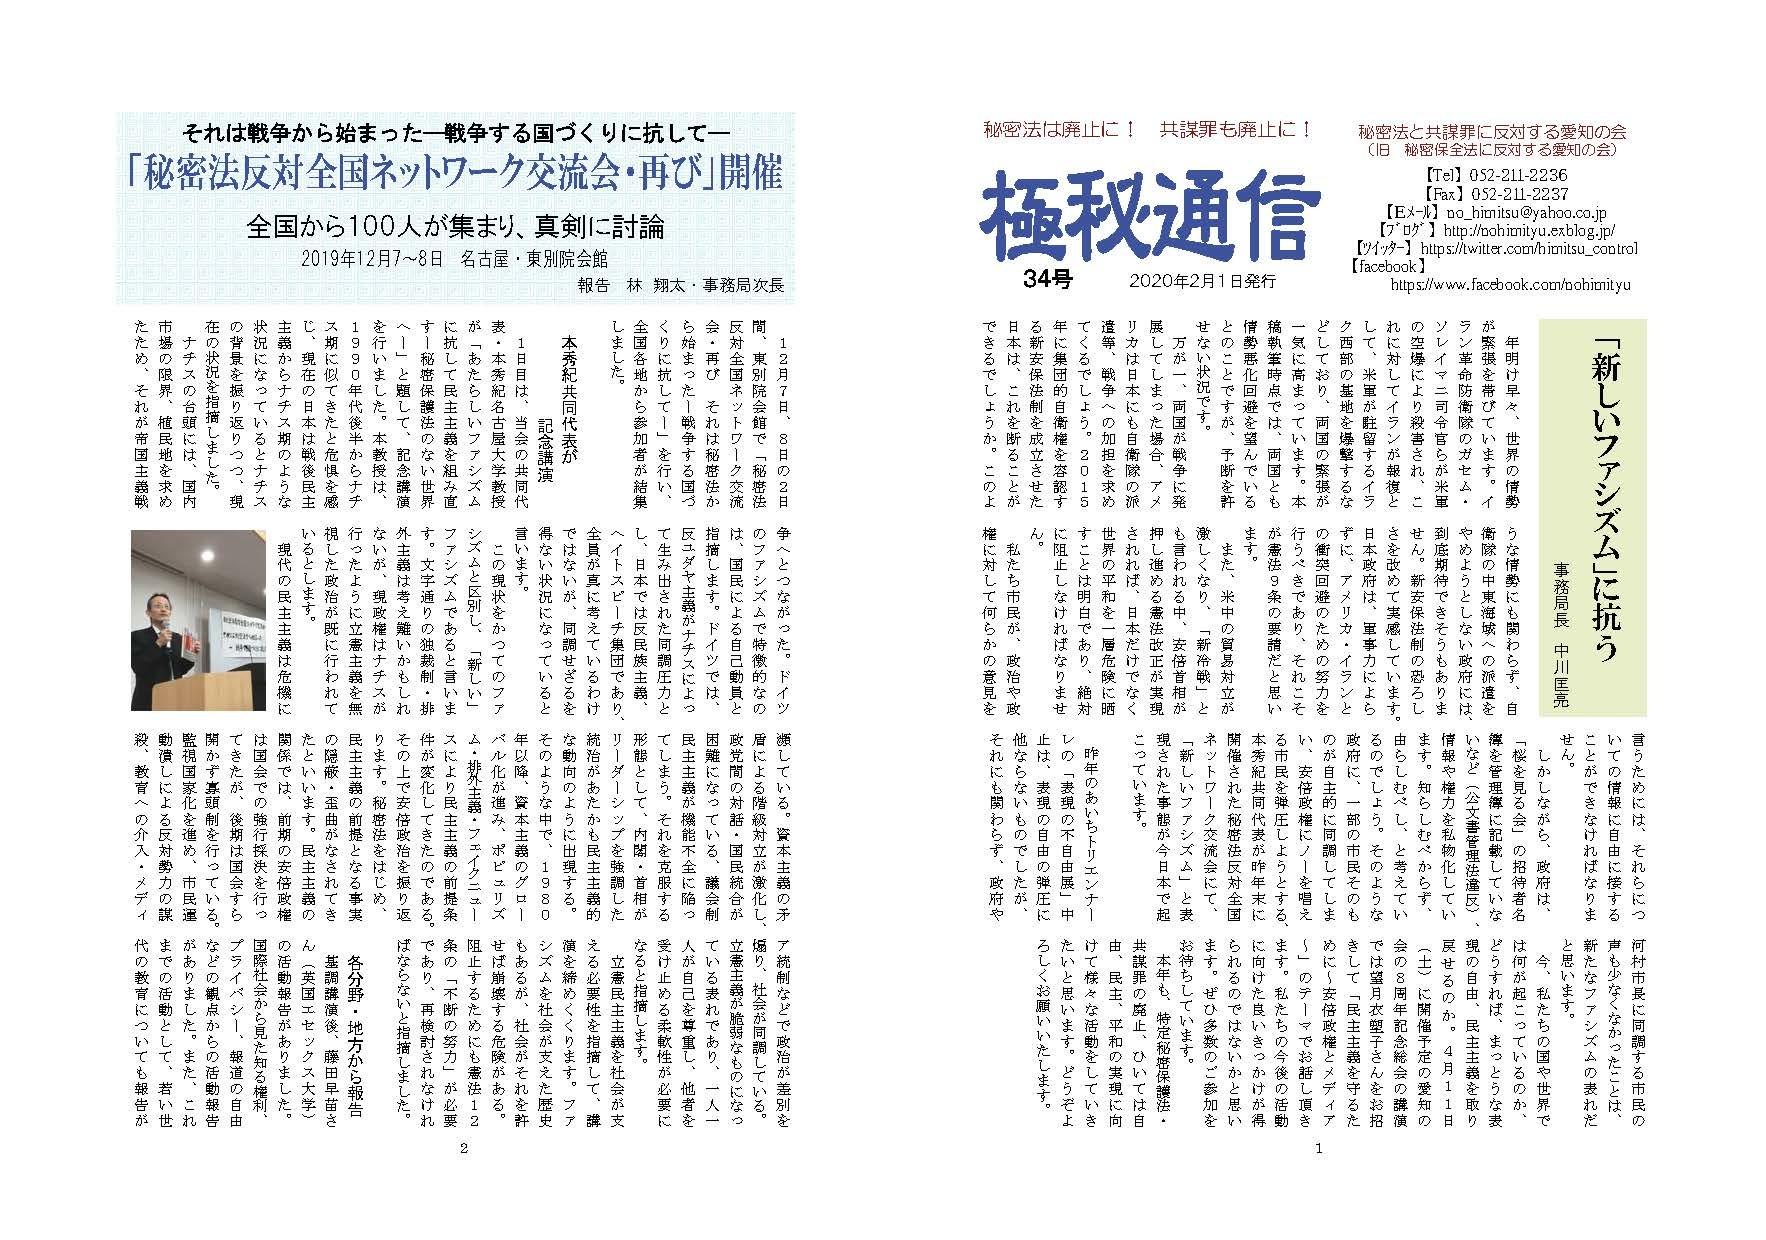 「秘密法と共謀罪に反対する愛知の会」ニュース「極秘通信」第34号発行 _c0241022_23003650.jpg